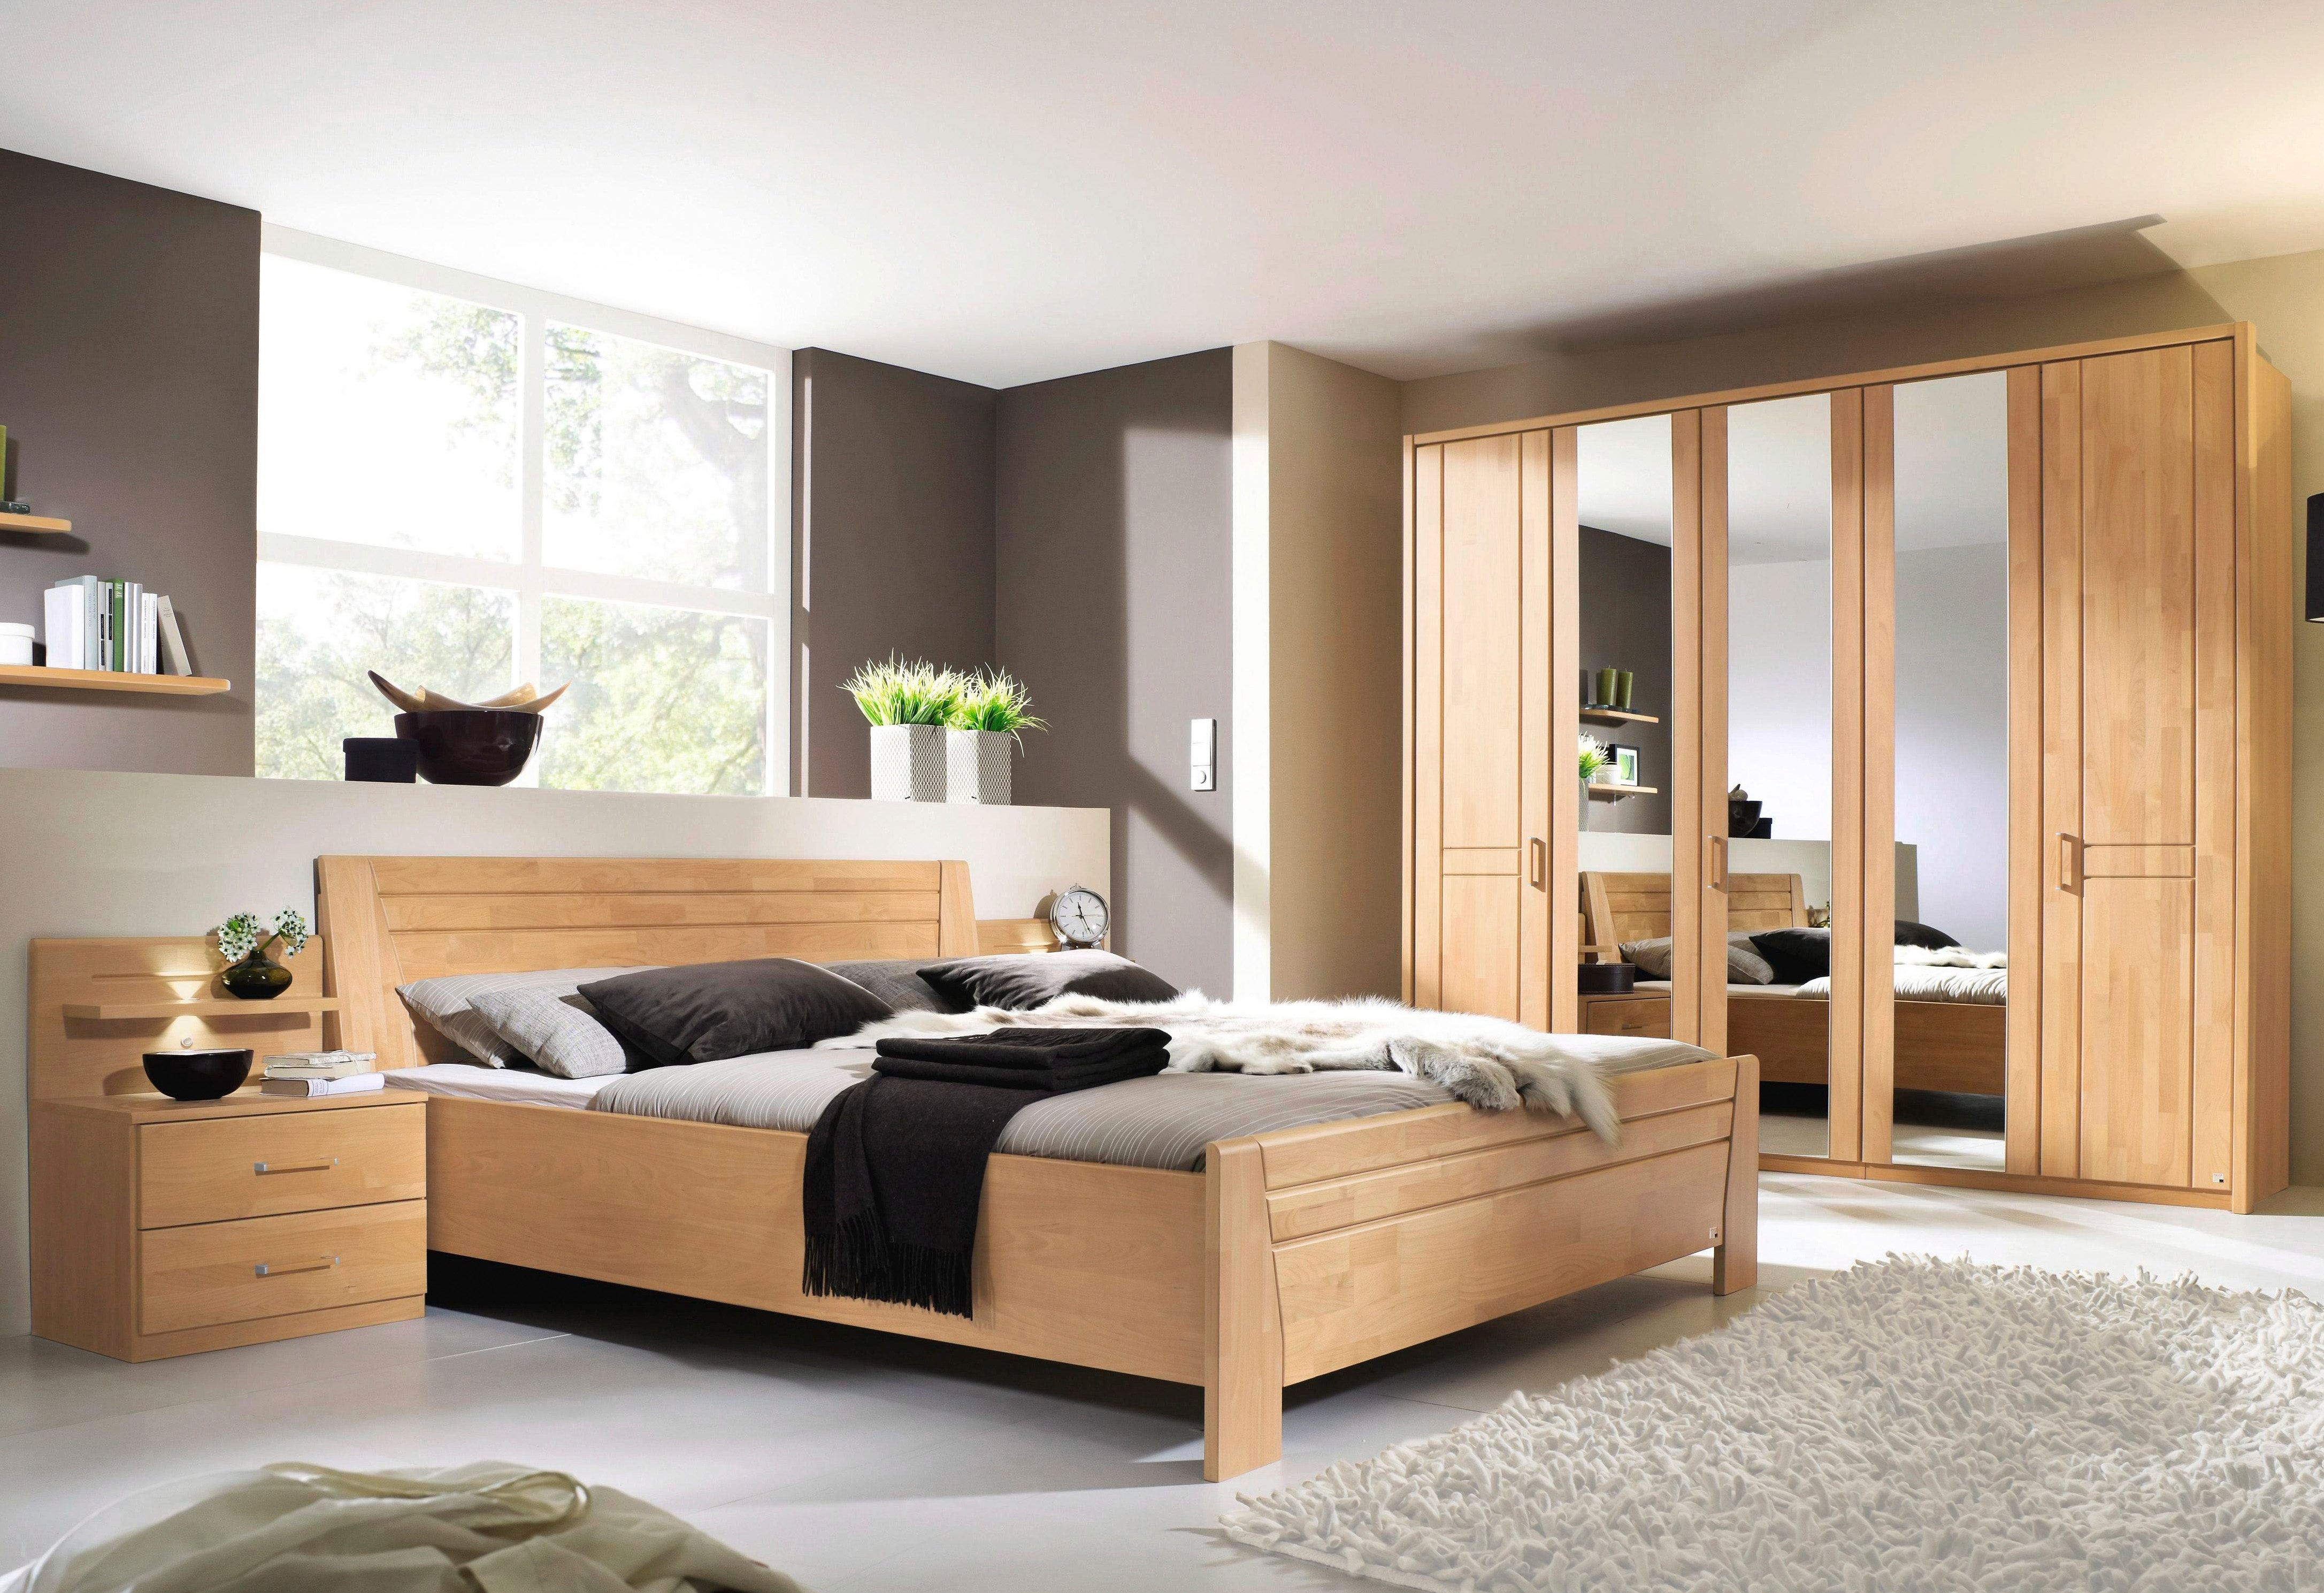 Schlafzimmer Set, rauch 4 tlg. online kaufen   OTTO